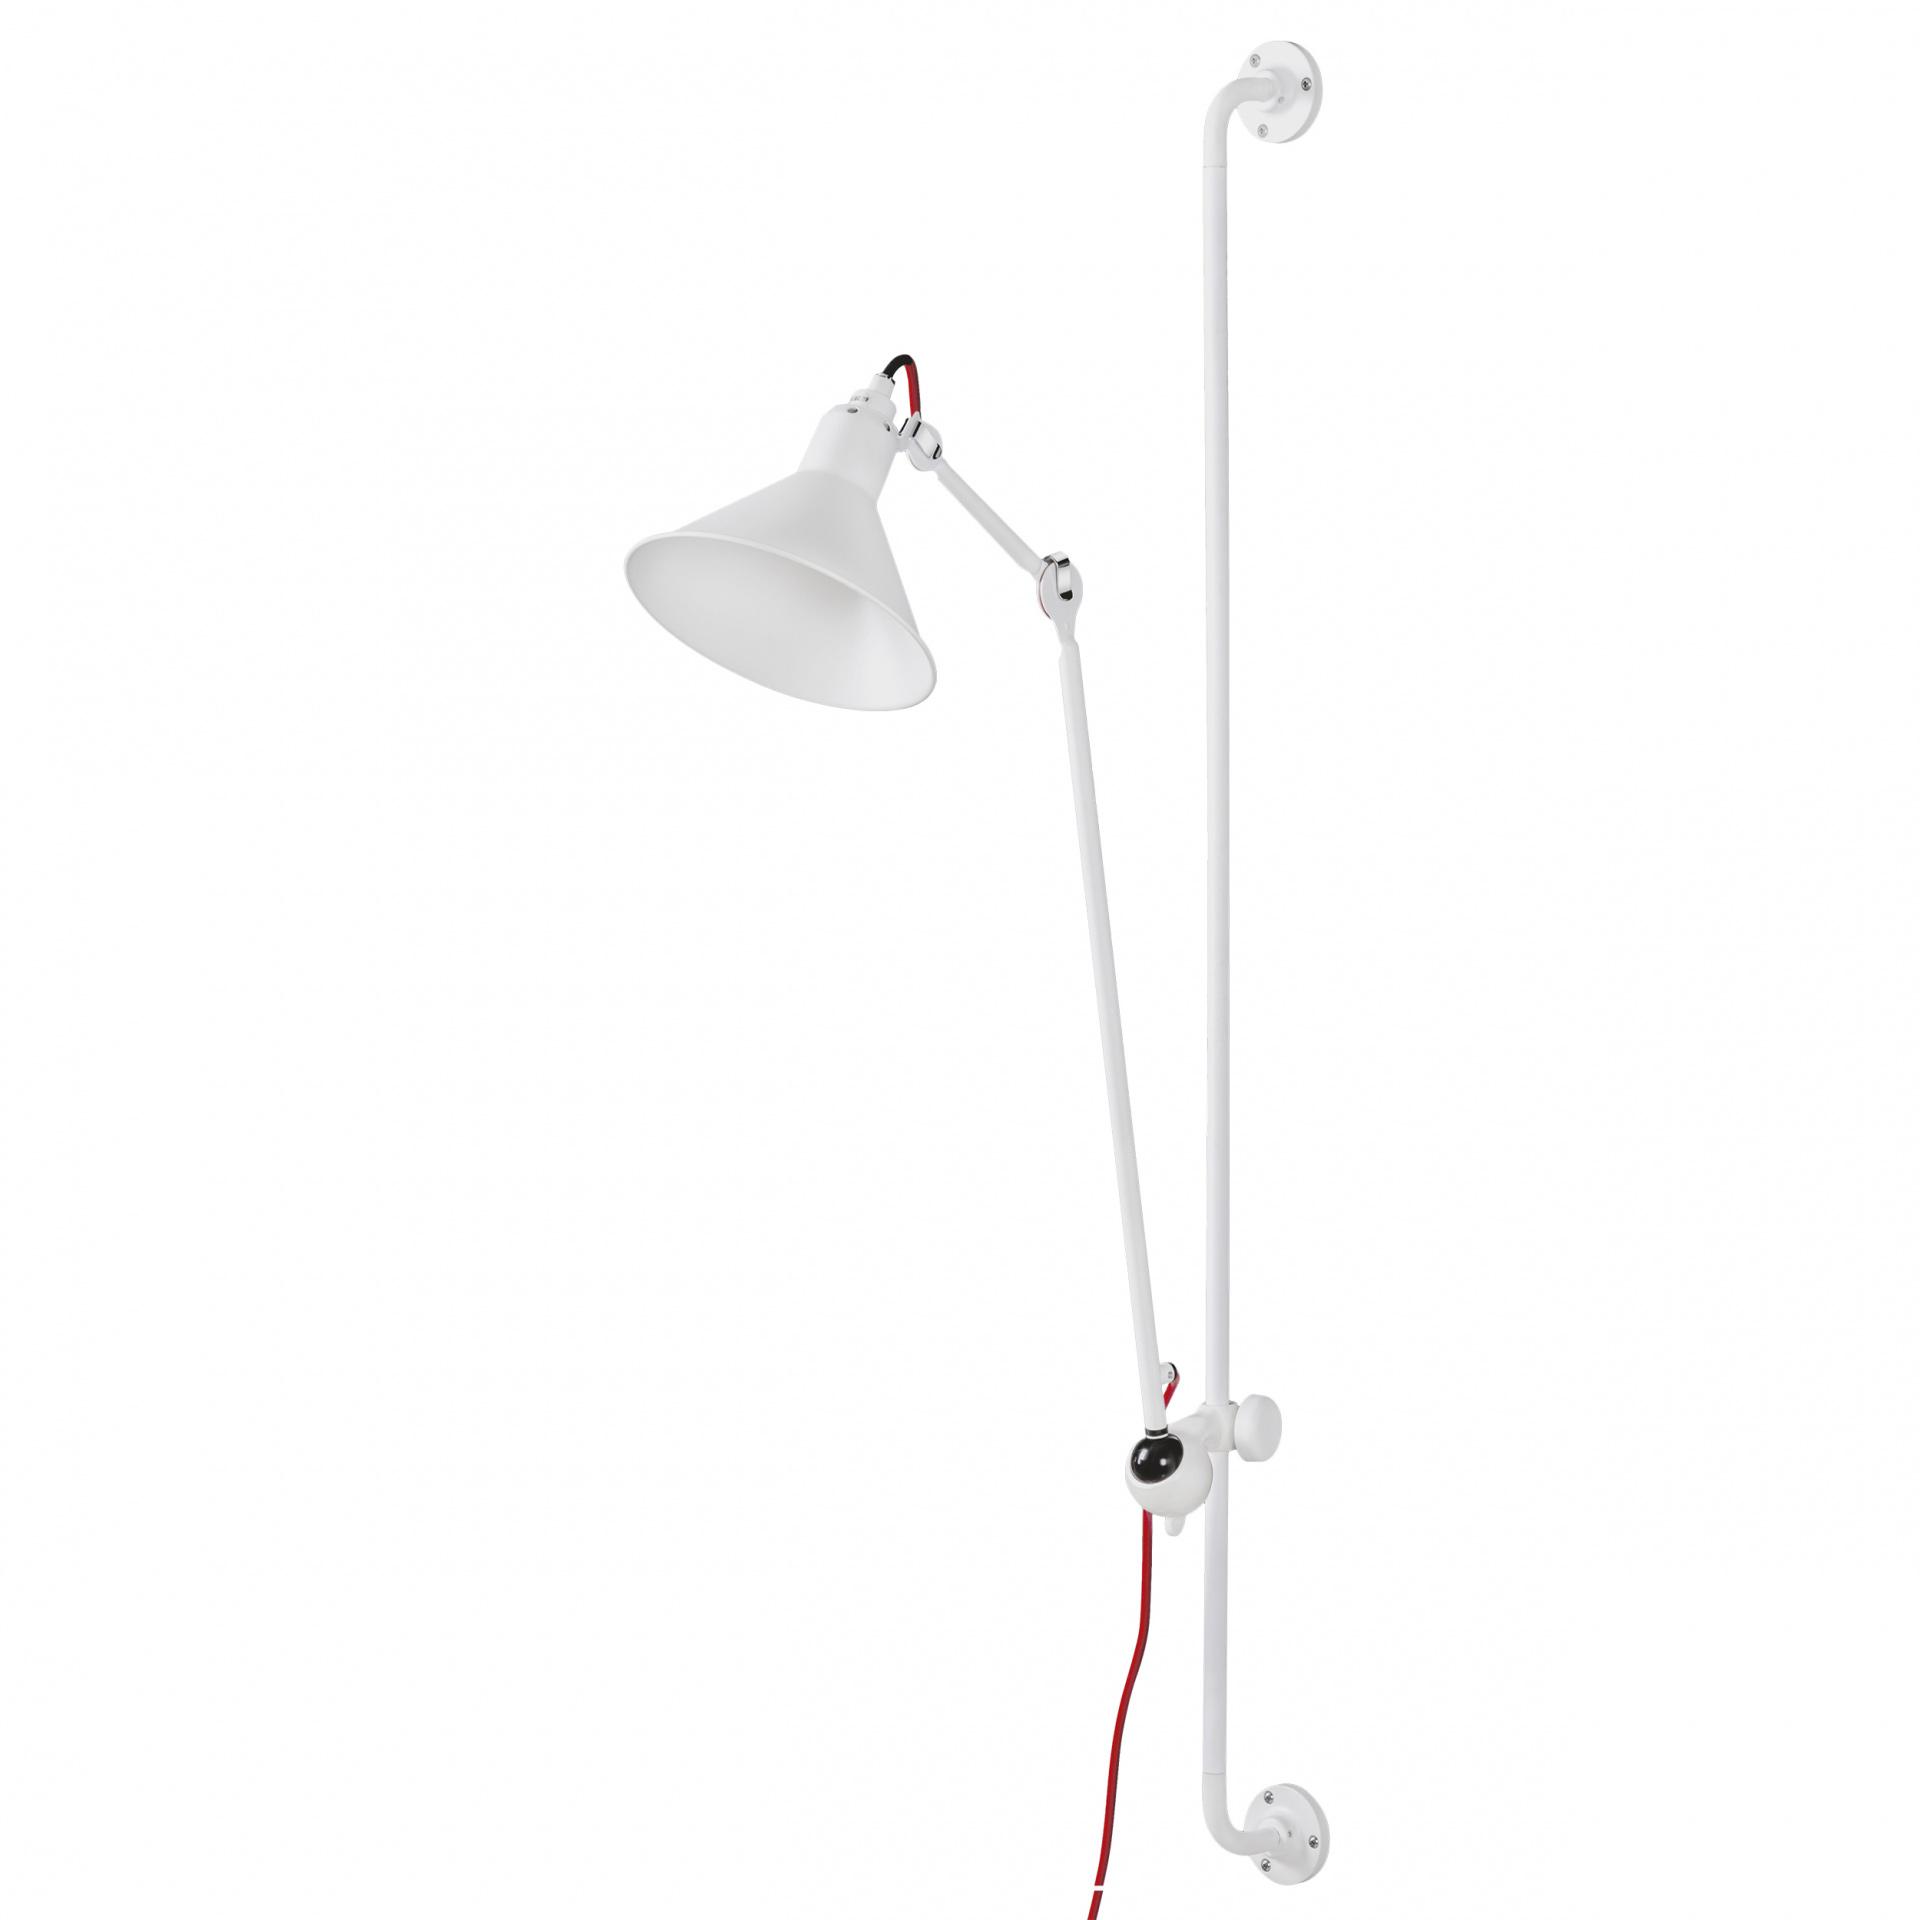 Бра Loft 1х40W E14 белый Lightstar 765626, купить в СПб, Москве, с доставкой, Санкт-Петербург, интернет-магазин люстр и светильников Starlight, фото в жизни